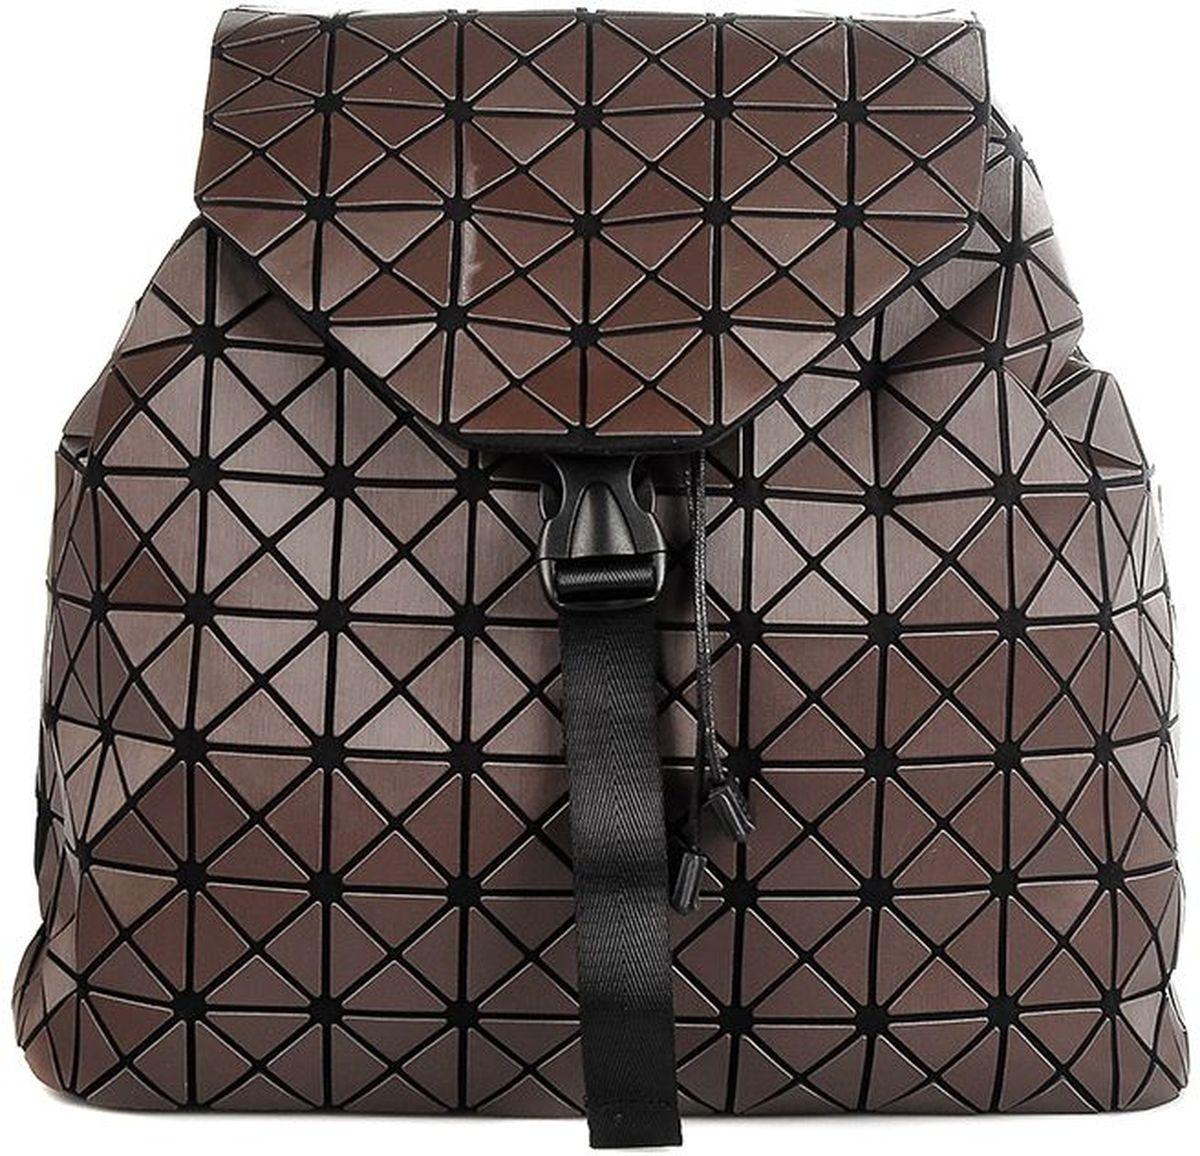 Рюкзак силиконовый Sabellino, цвет: шоколад. 0111016456_110111016456_11Легкий вместительный рюкзак, закрывается на крышку с застежкой, изделие затягивается, что позволит сделать его компактным или более вместительным. Внутри тканевый подклад, карман на молнии для документов, отделения для мелочи и мобильного телефона, уплотненное дно. Мягкие регулируемые лямки.